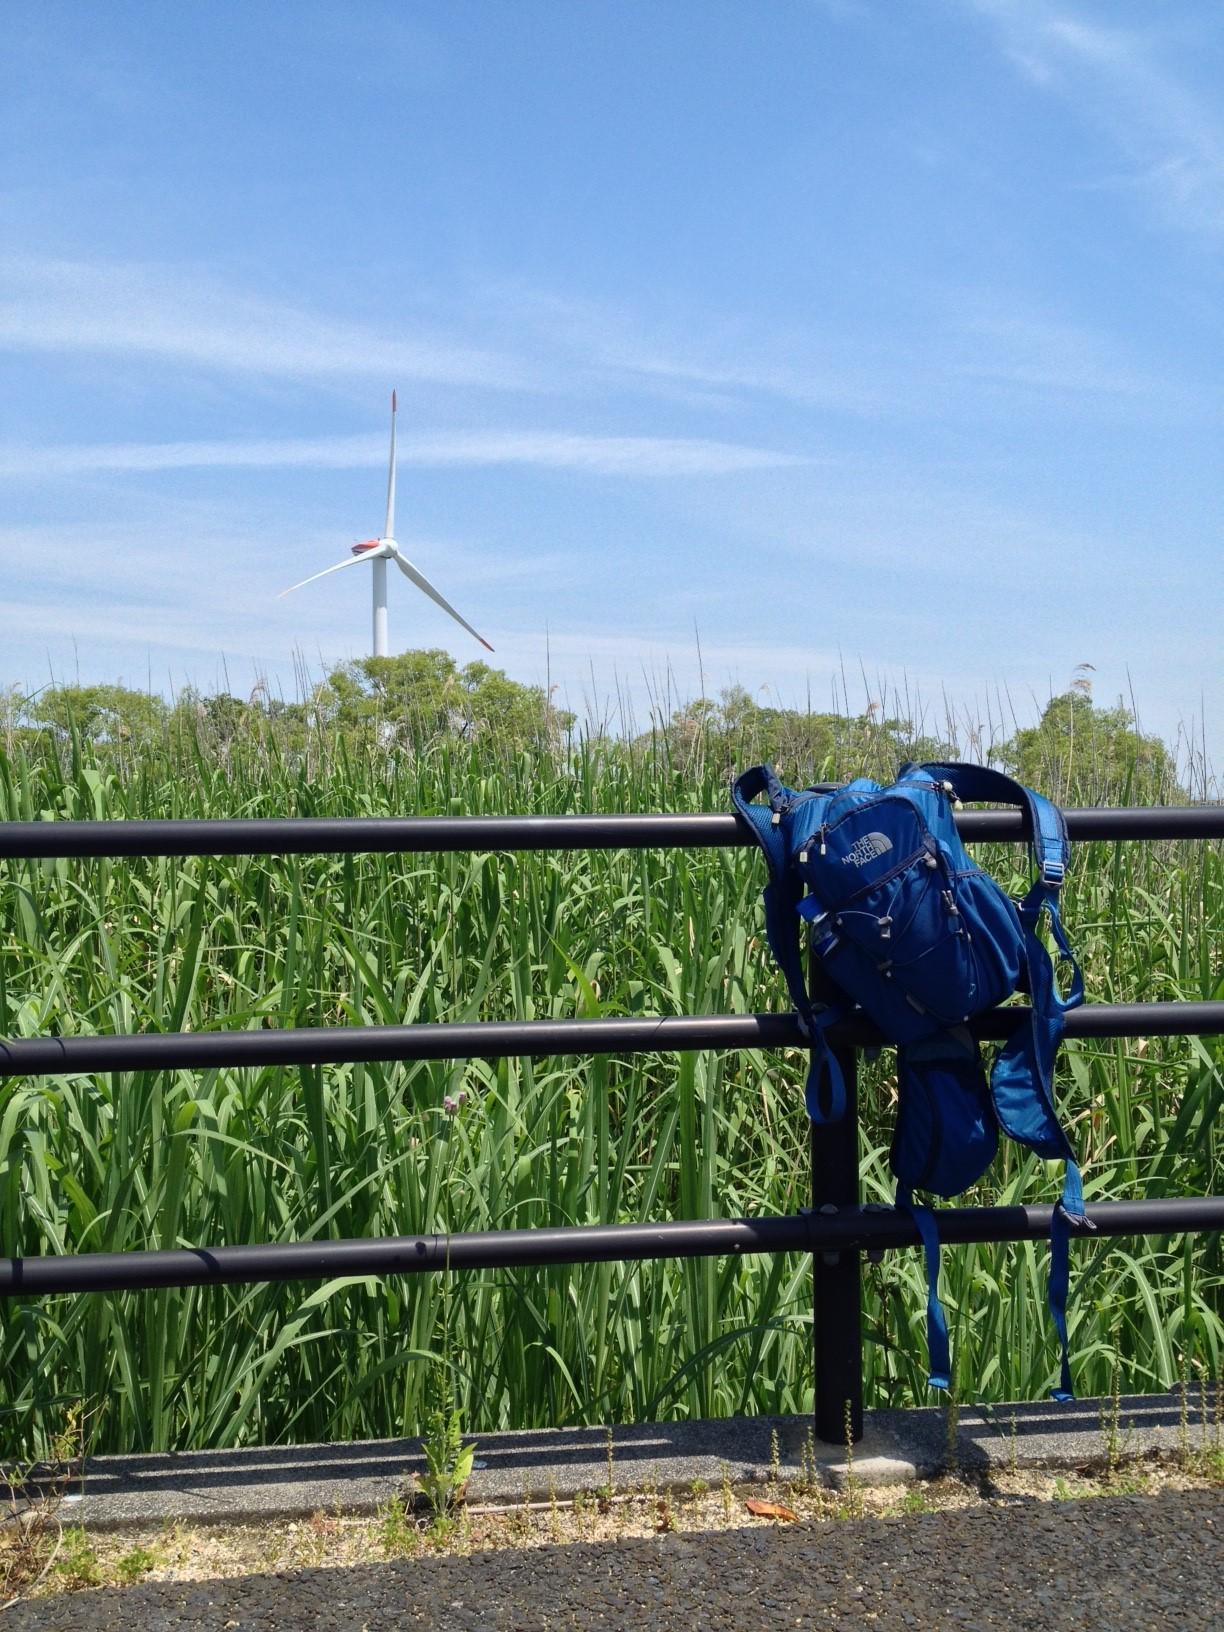 烏丸半島の風車01